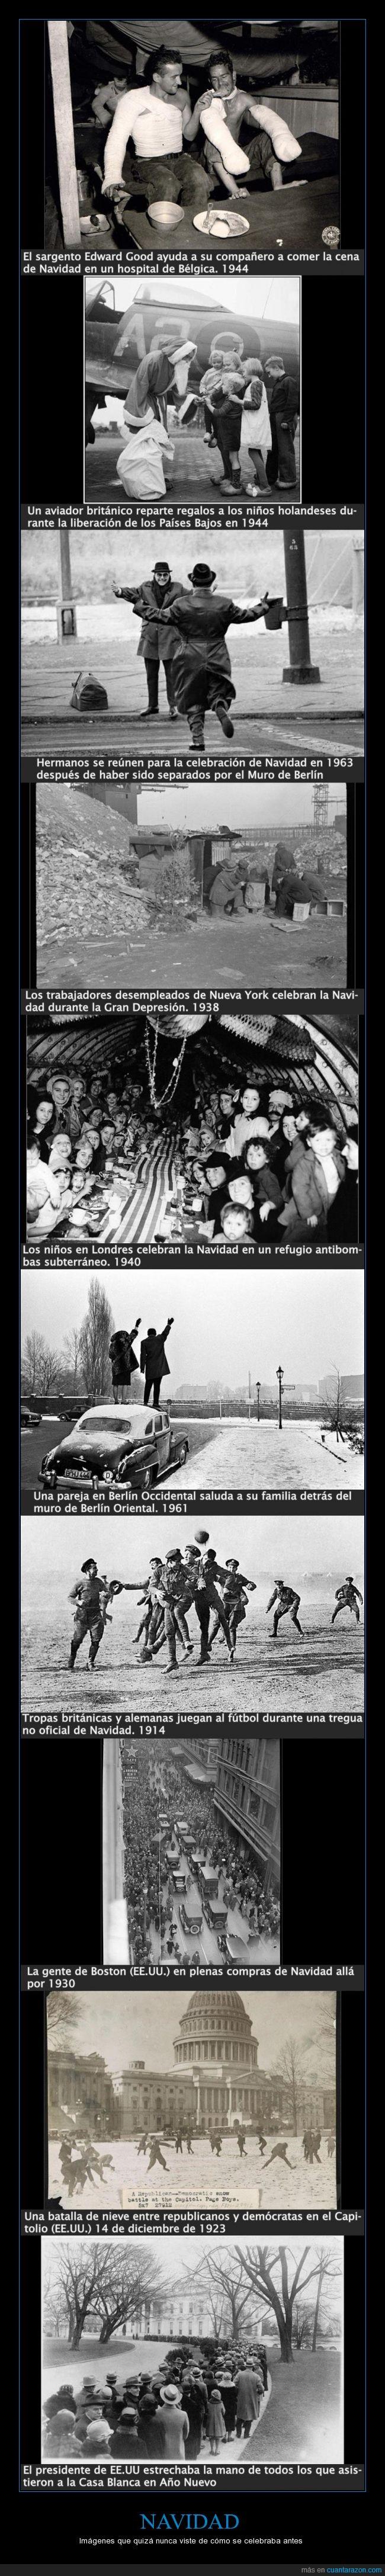 Año Nuevo,aviador británico,batalla de nieve,Berlín Occidental,Berlín Oriental,Capitolio,Casa Blanca,Cena de Navidad,compras de Navidad,demócratas,desempleados,Edward Good,la Gran Depresión,la Guerra Fría,Muro de Berlín,Navidad,Países Bajos,refugio antibombas,regalos,republicanos,Segunda Guerra Mundial,tregua